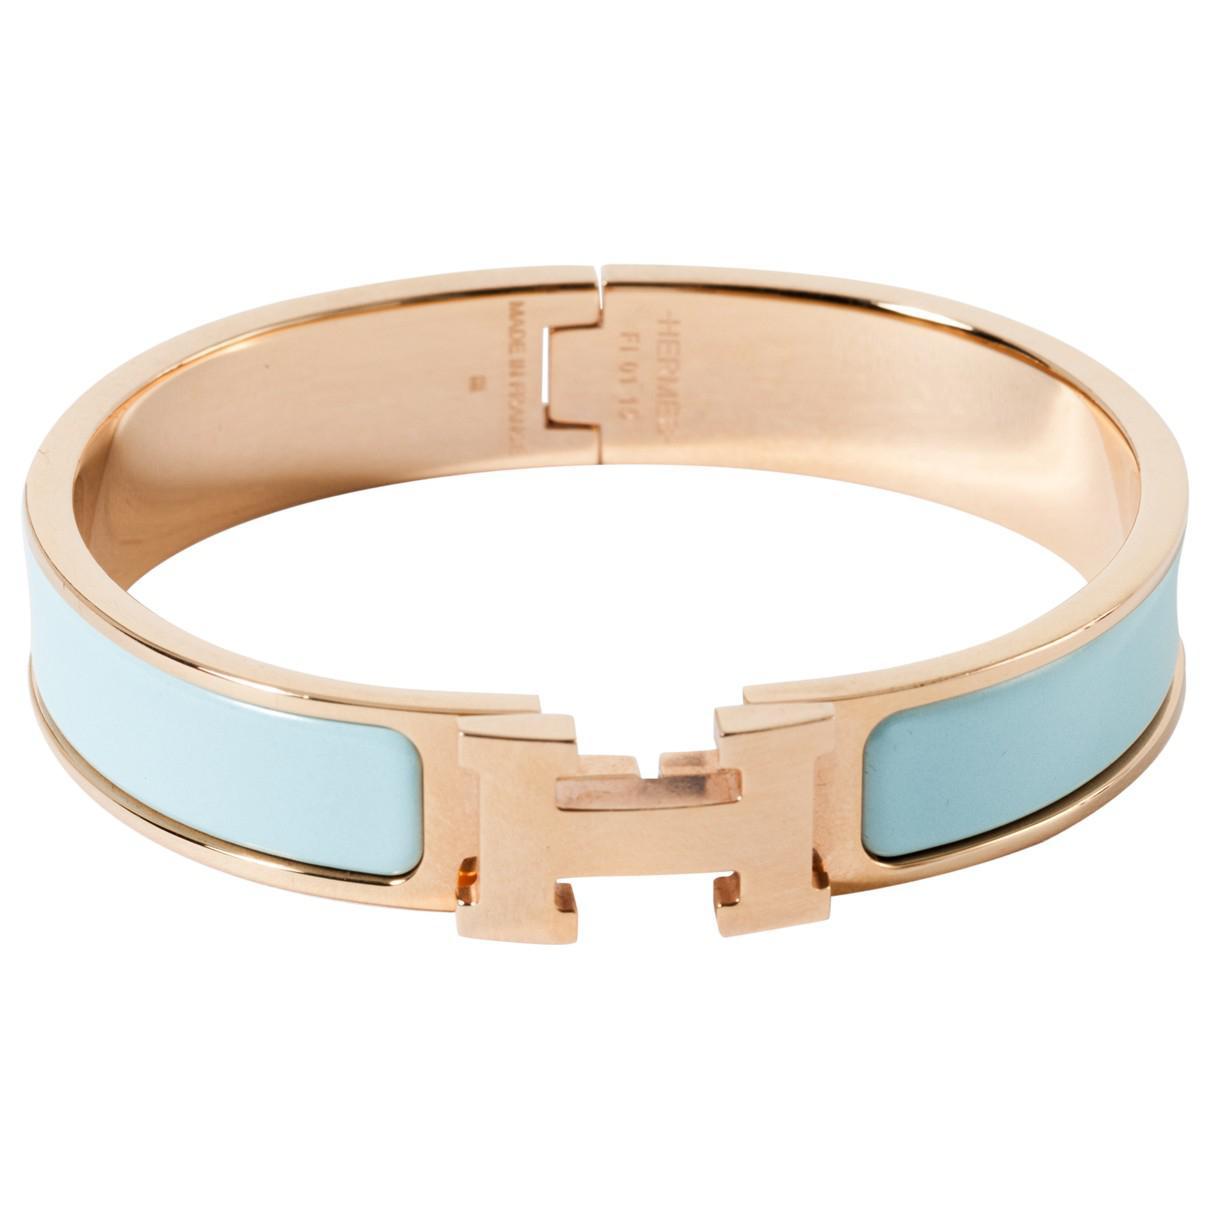 ... release date lyst hermès clic h bracelet in blue d2164 ee95a ea97ff4e7a4